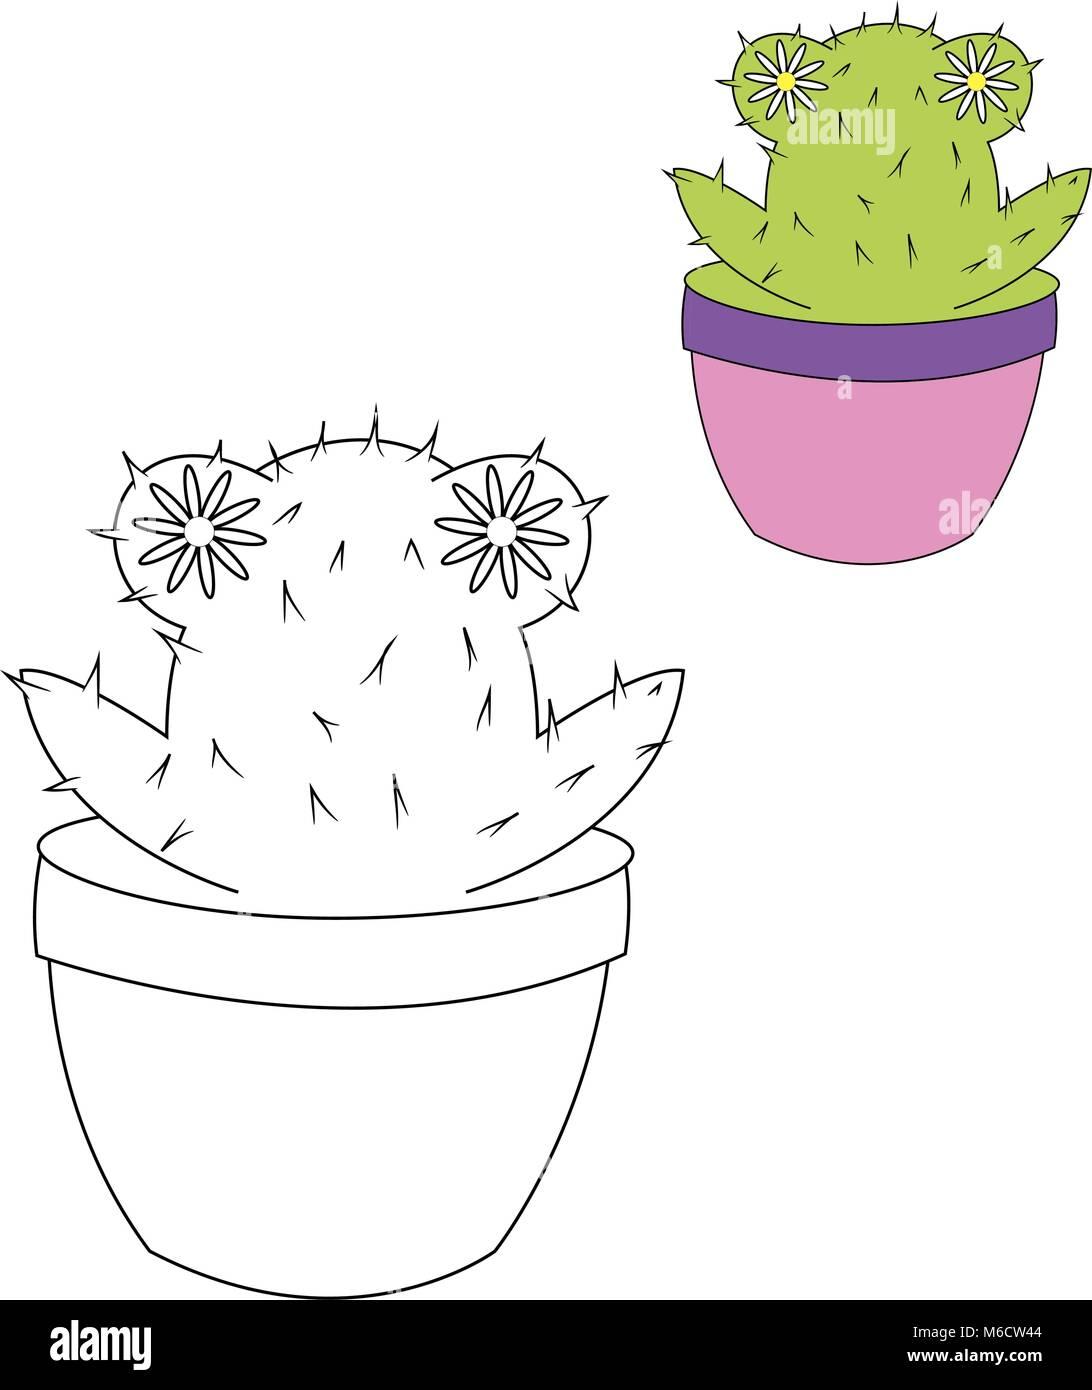 Cute Dibujos Animados De Rana Aislado En Blanco Para